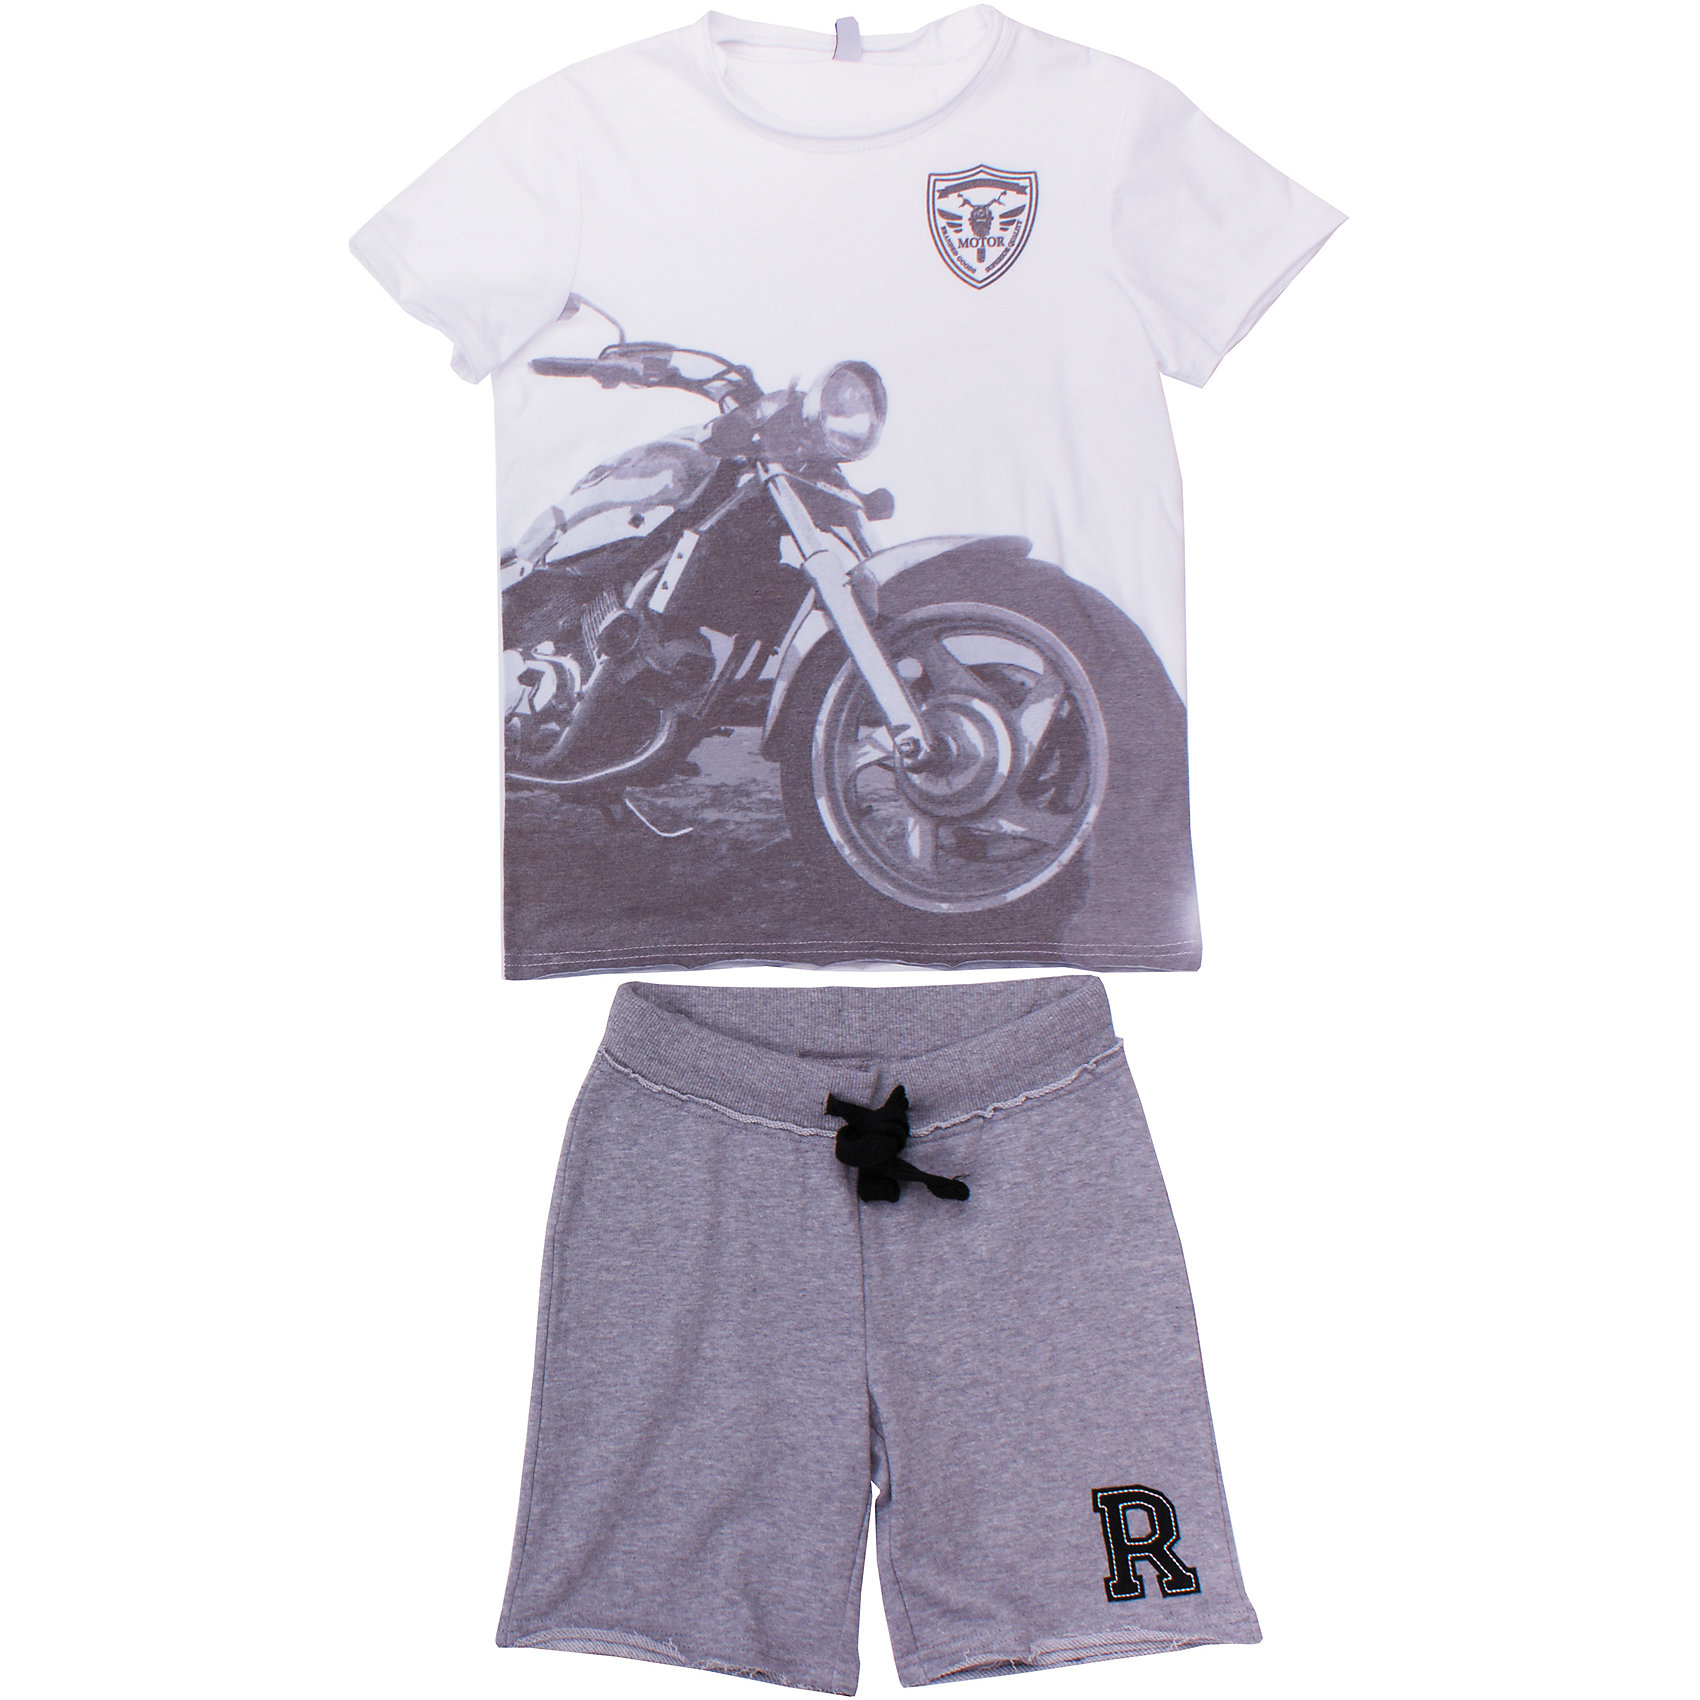 Комплект: футболка и шорты для мальчика ScoolКомплекты<br>Комплект из хлопковых шорт и футболки. Футболка украшена крупным водным фотопринтом с мотоциклом. Шорты цвета серый меланж. Пояс на резинке, дополнительно регулируется широким шнурком. Стильный необработанные края. Состав: 80% хлопок, 20% полиэстер<br><br>Ширина мм: 199<br>Глубина мм: 10<br>Высота мм: 161<br>Вес г: 151<br>Цвет: белый<br>Возраст от месяцев: 144<br>Возраст до месяцев: 156<br>Пол: Мужской<br>Возраст: Детский<br>Размер: 158,134,146,140,164,152<br>SKU: 4652806